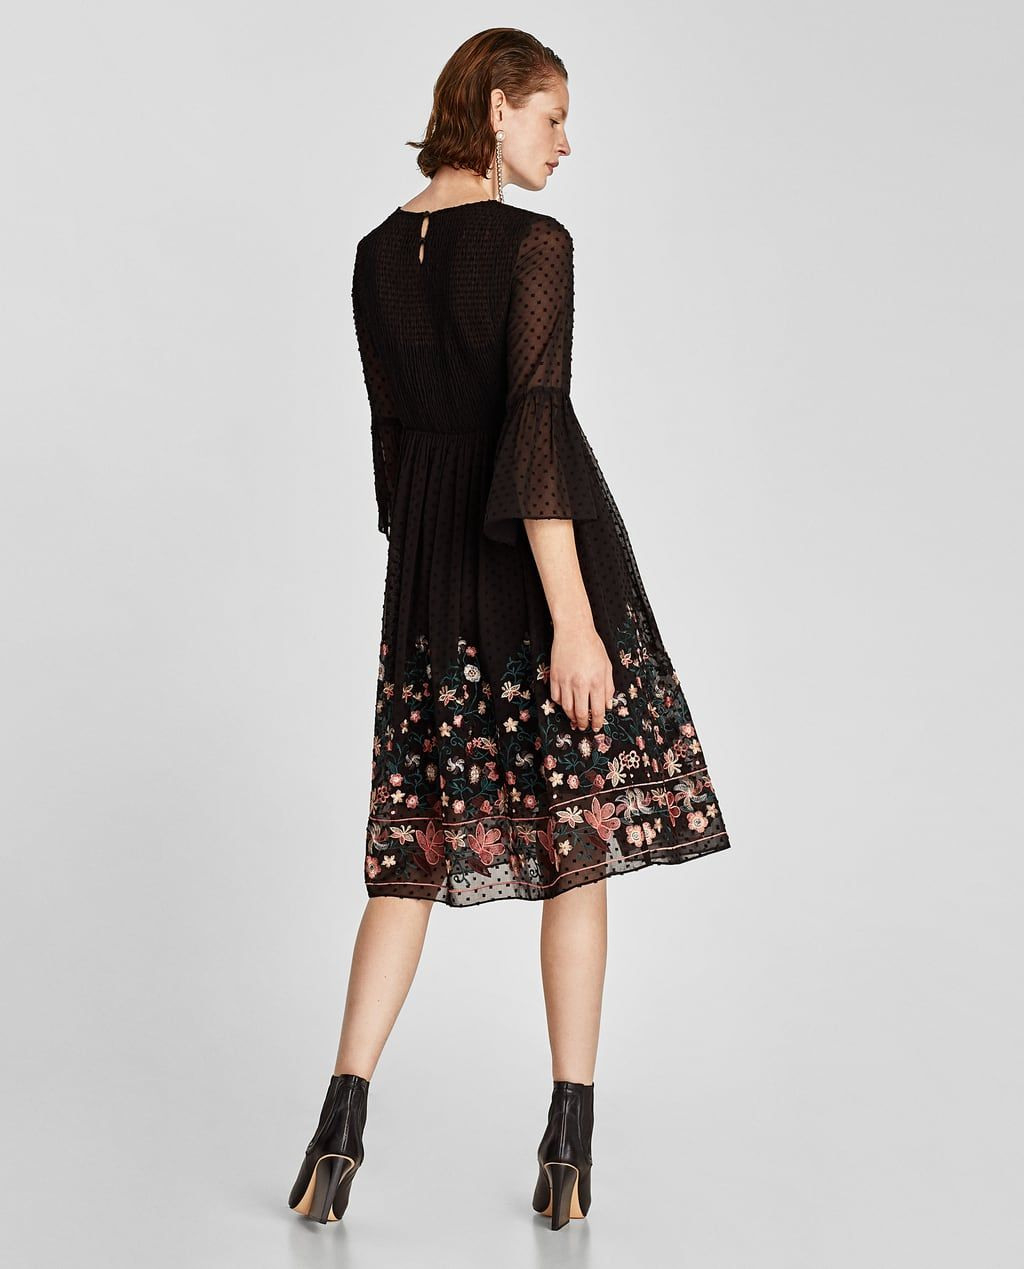 15 Schön Zara Abendkleid Stylish Cool Zara Abendkleid Ärmel